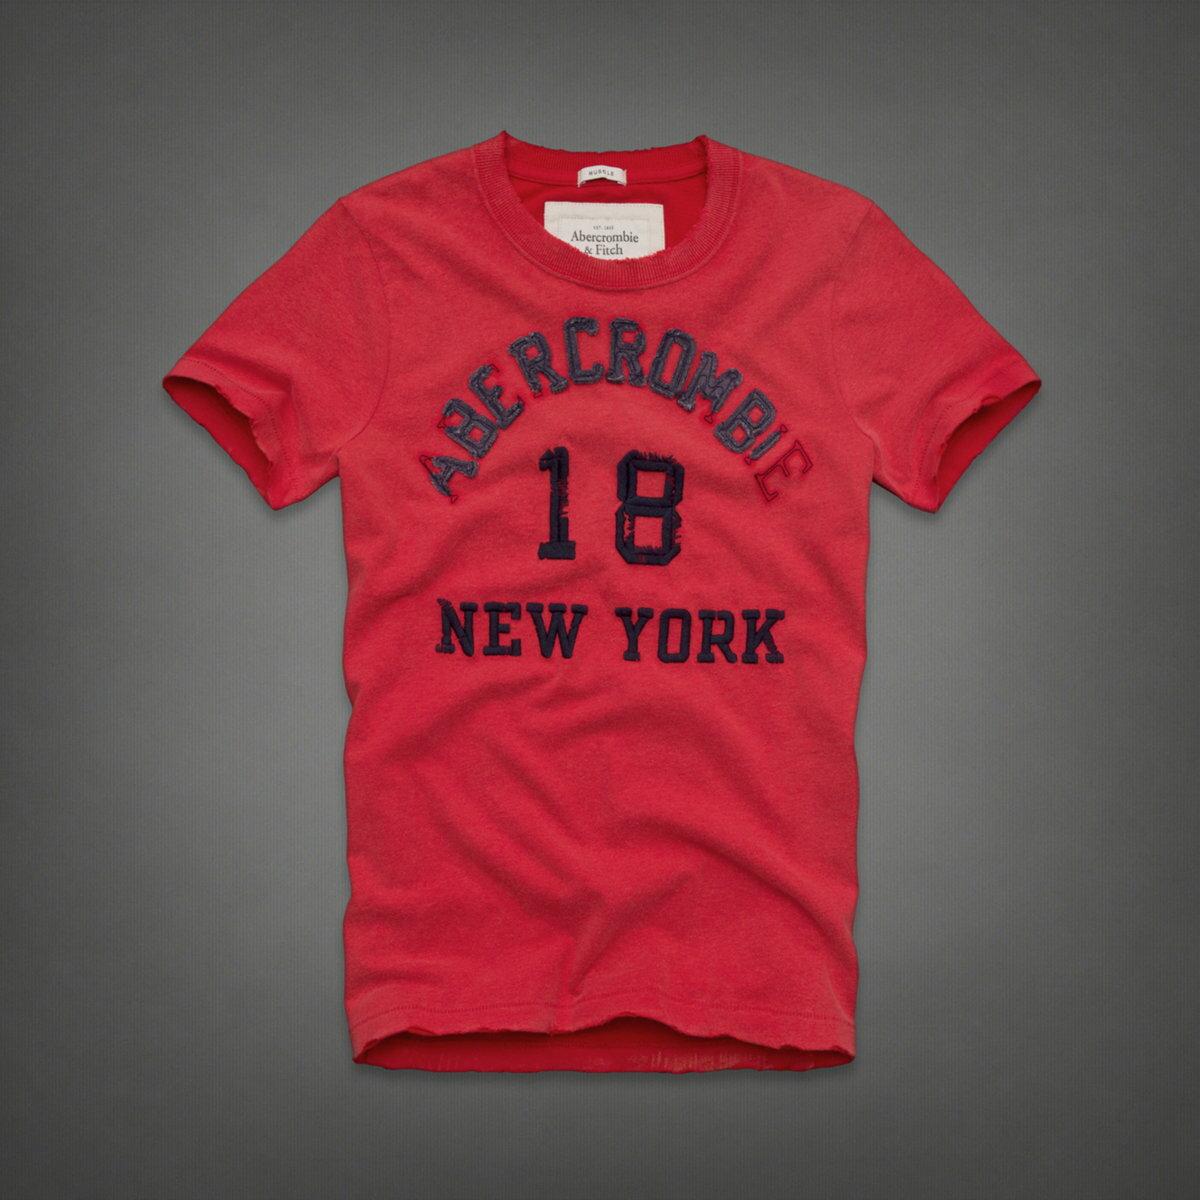 美國百分百【全新真品】Abercrombie & Fitch T恤 AF 短袖 T-shirt 麋鹿 紅 文字 大尺 復古 男 L XL XXL